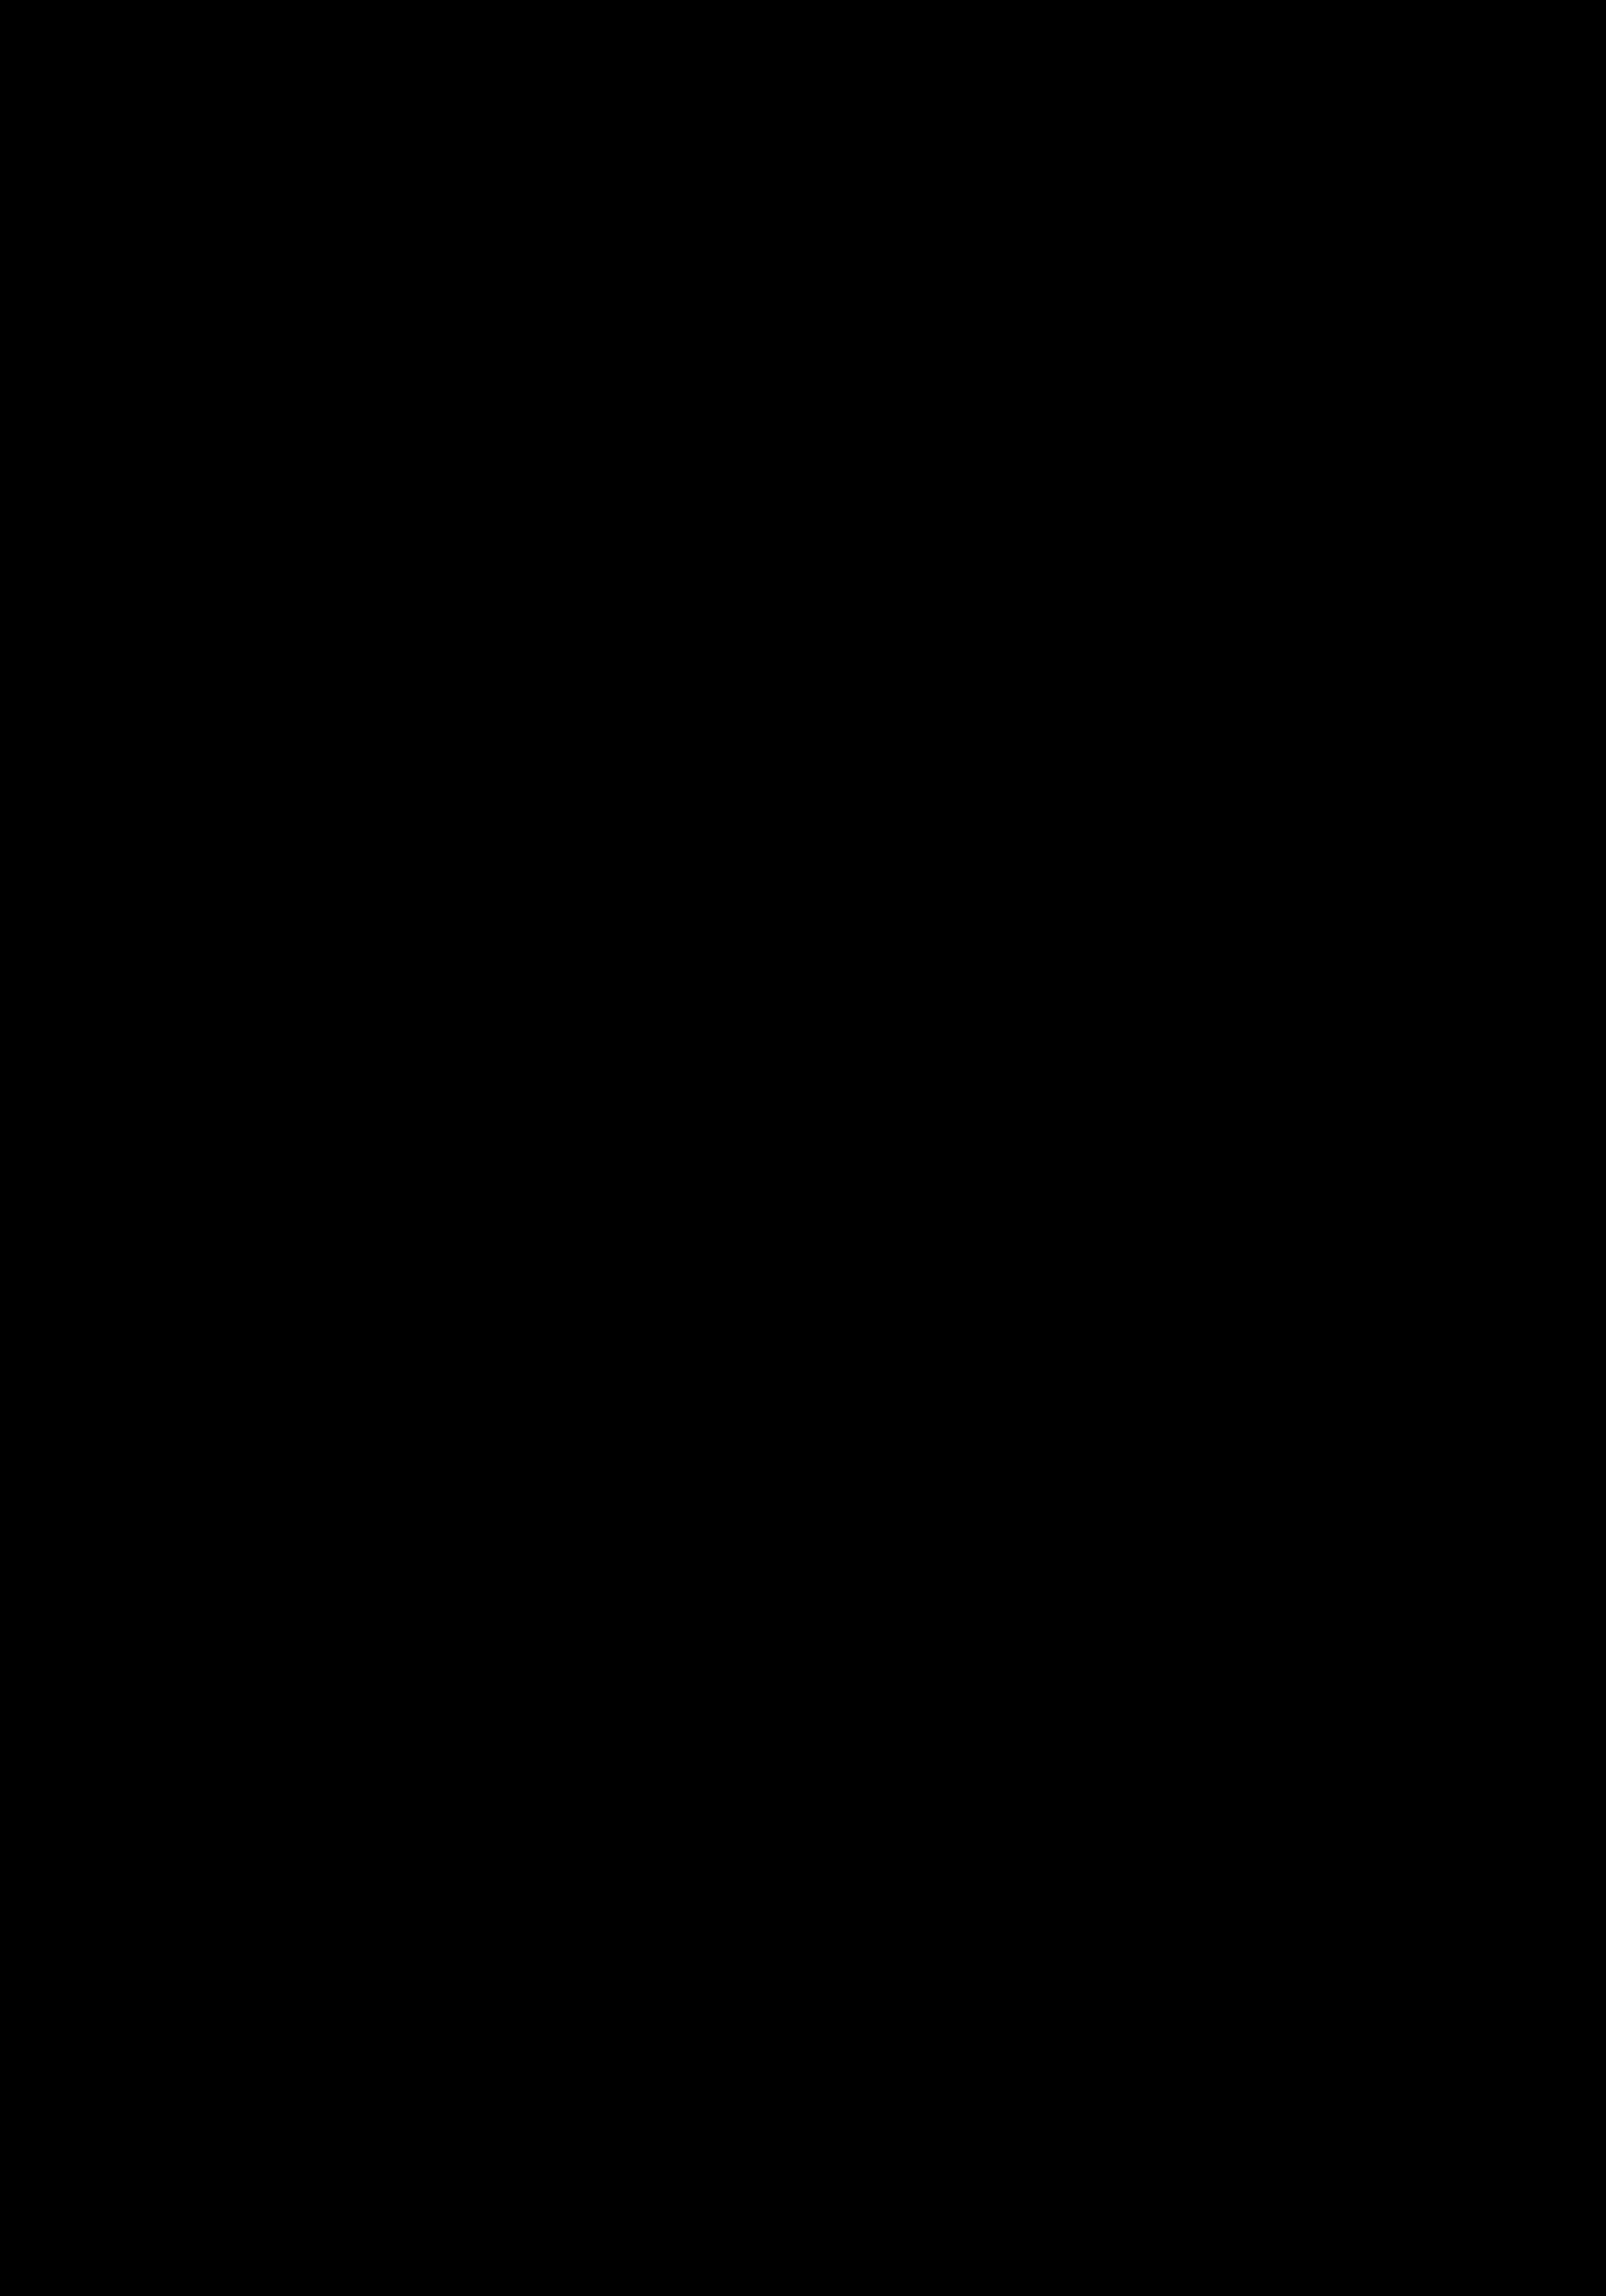 Muntenschuiver